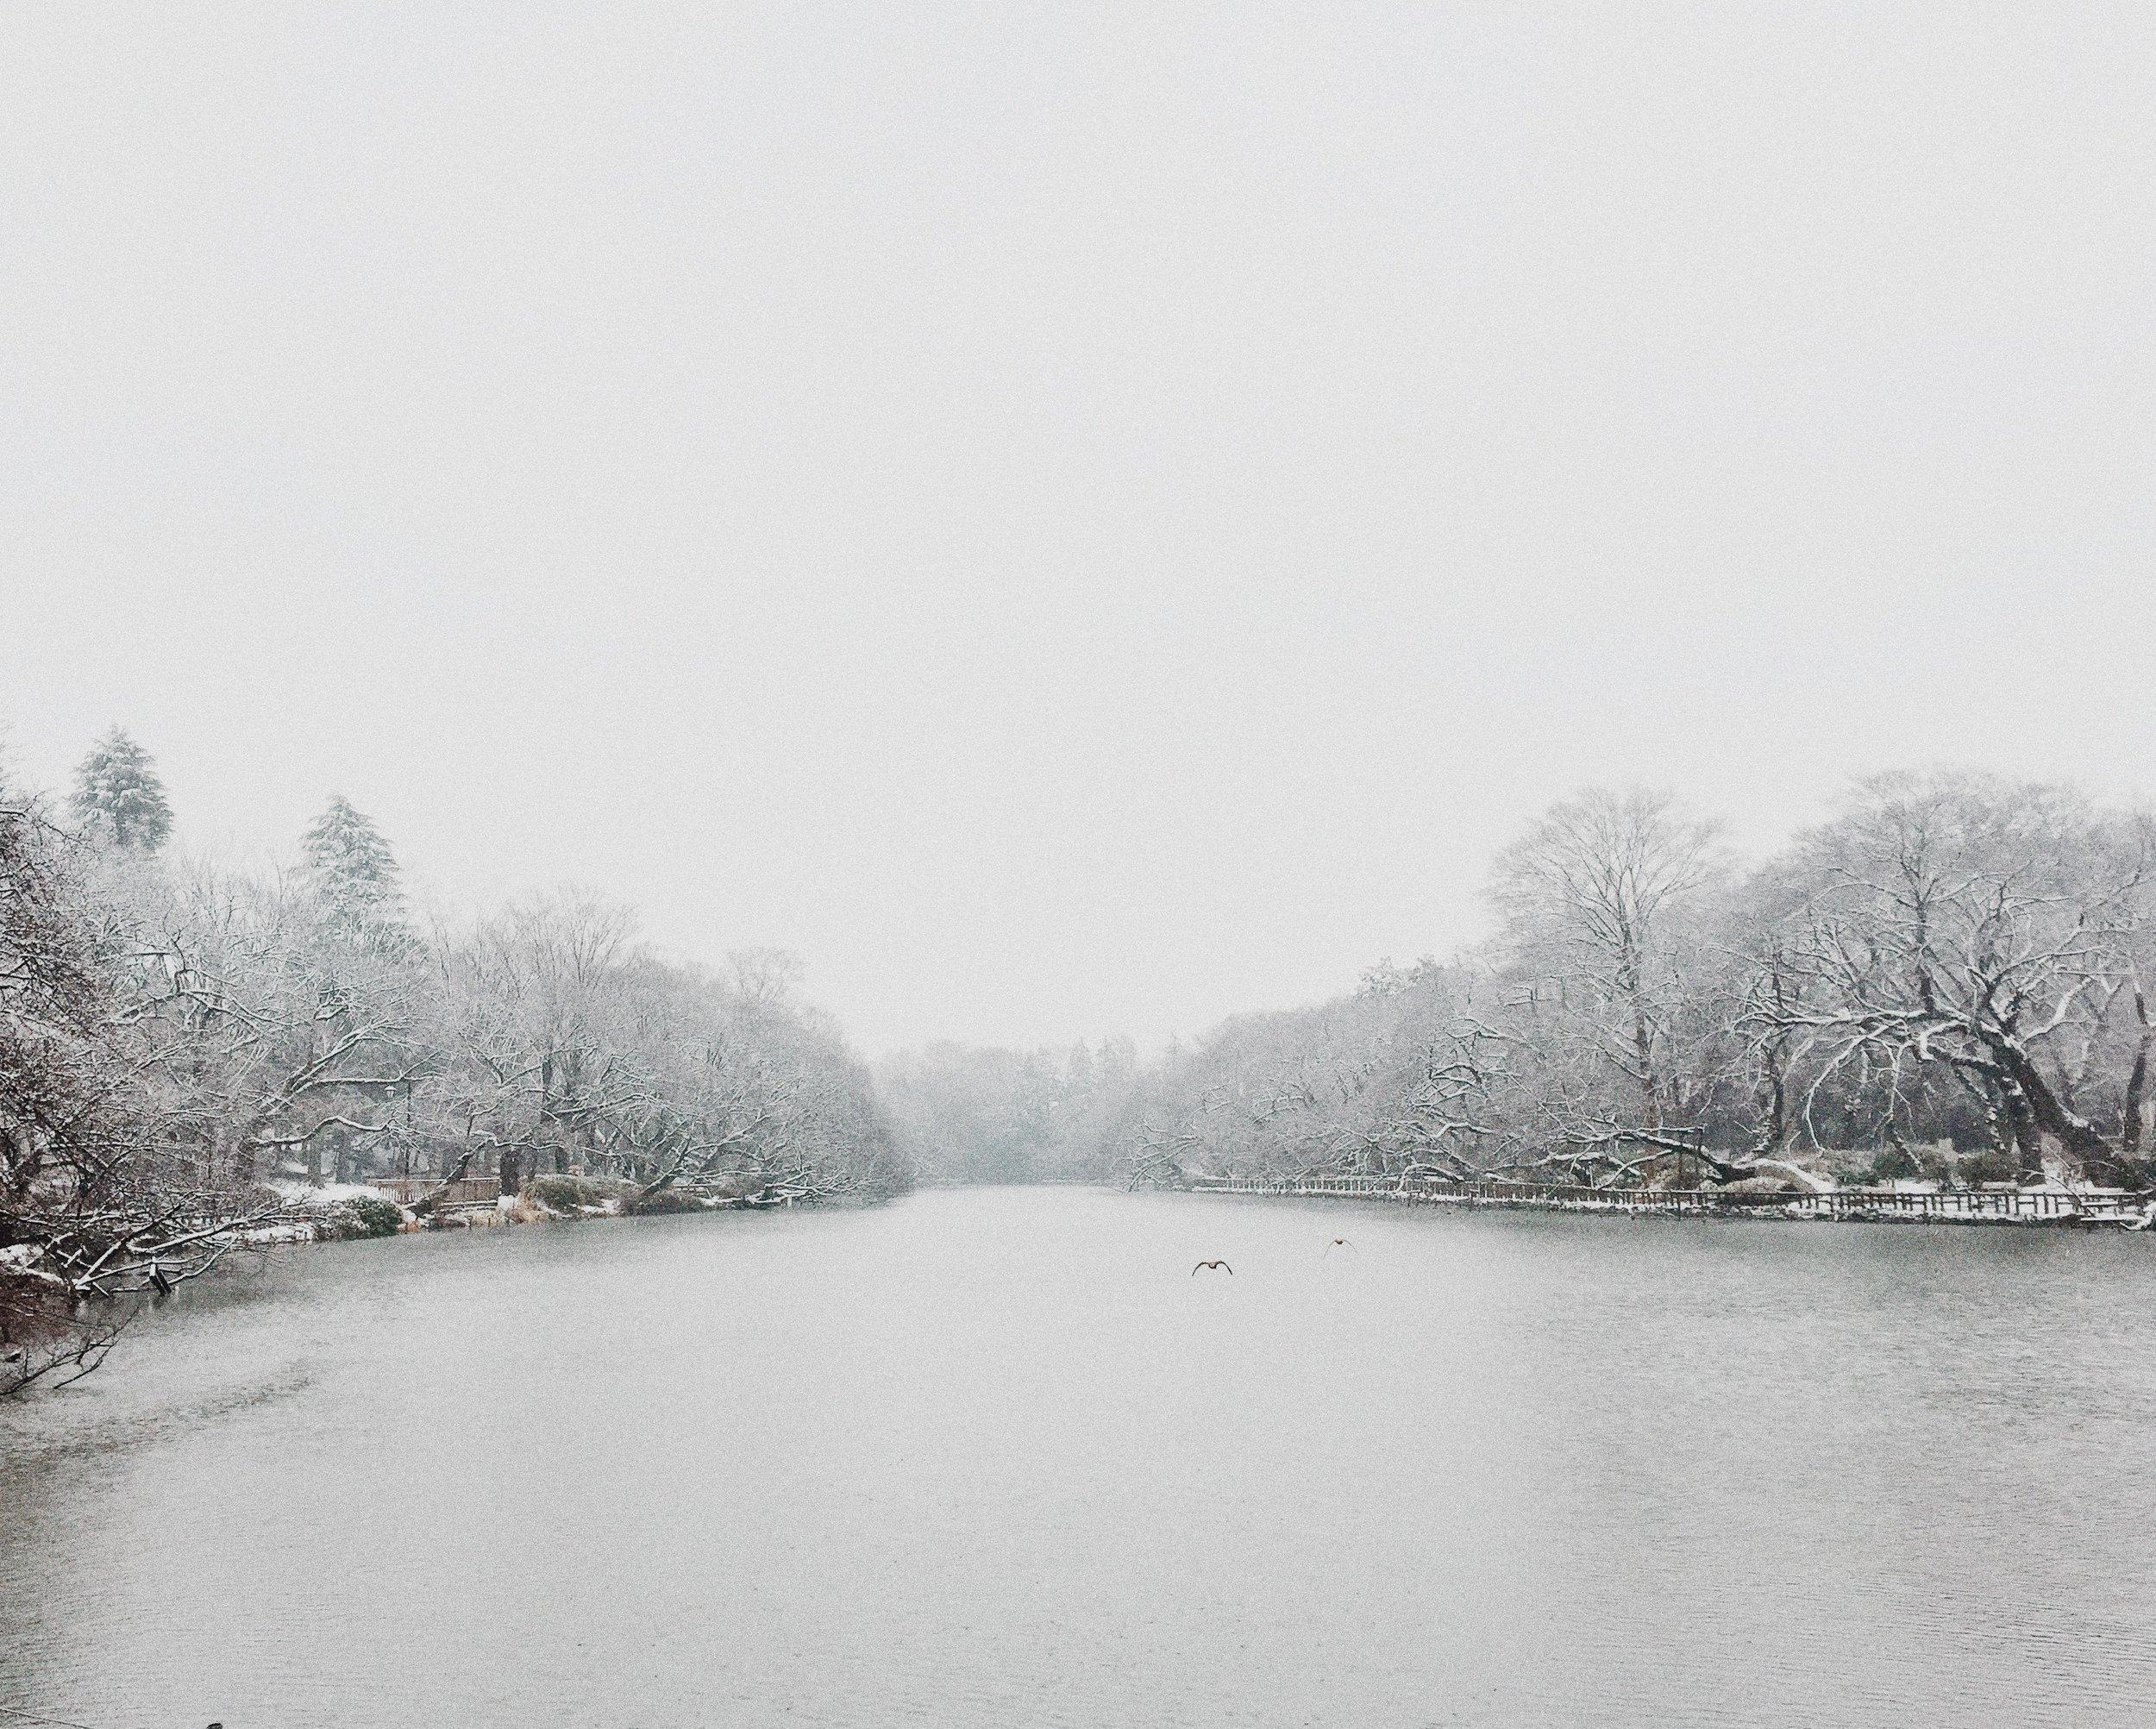 Inokashira Park, Winter 2015.